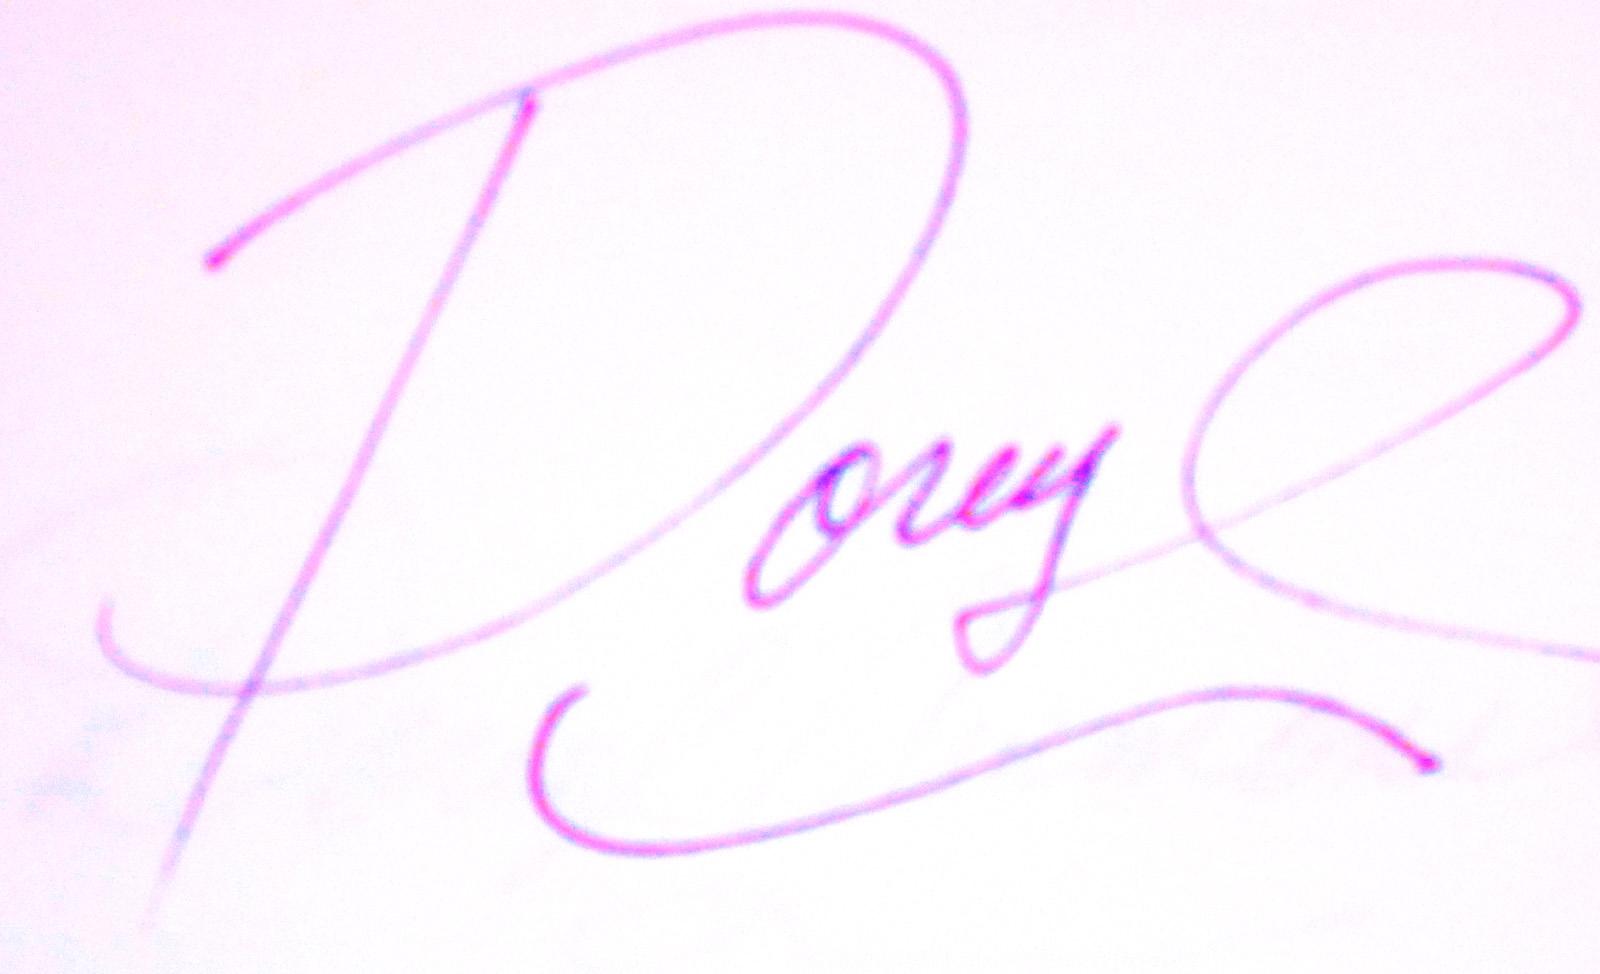 Doreyl Ammons Cain's Signature